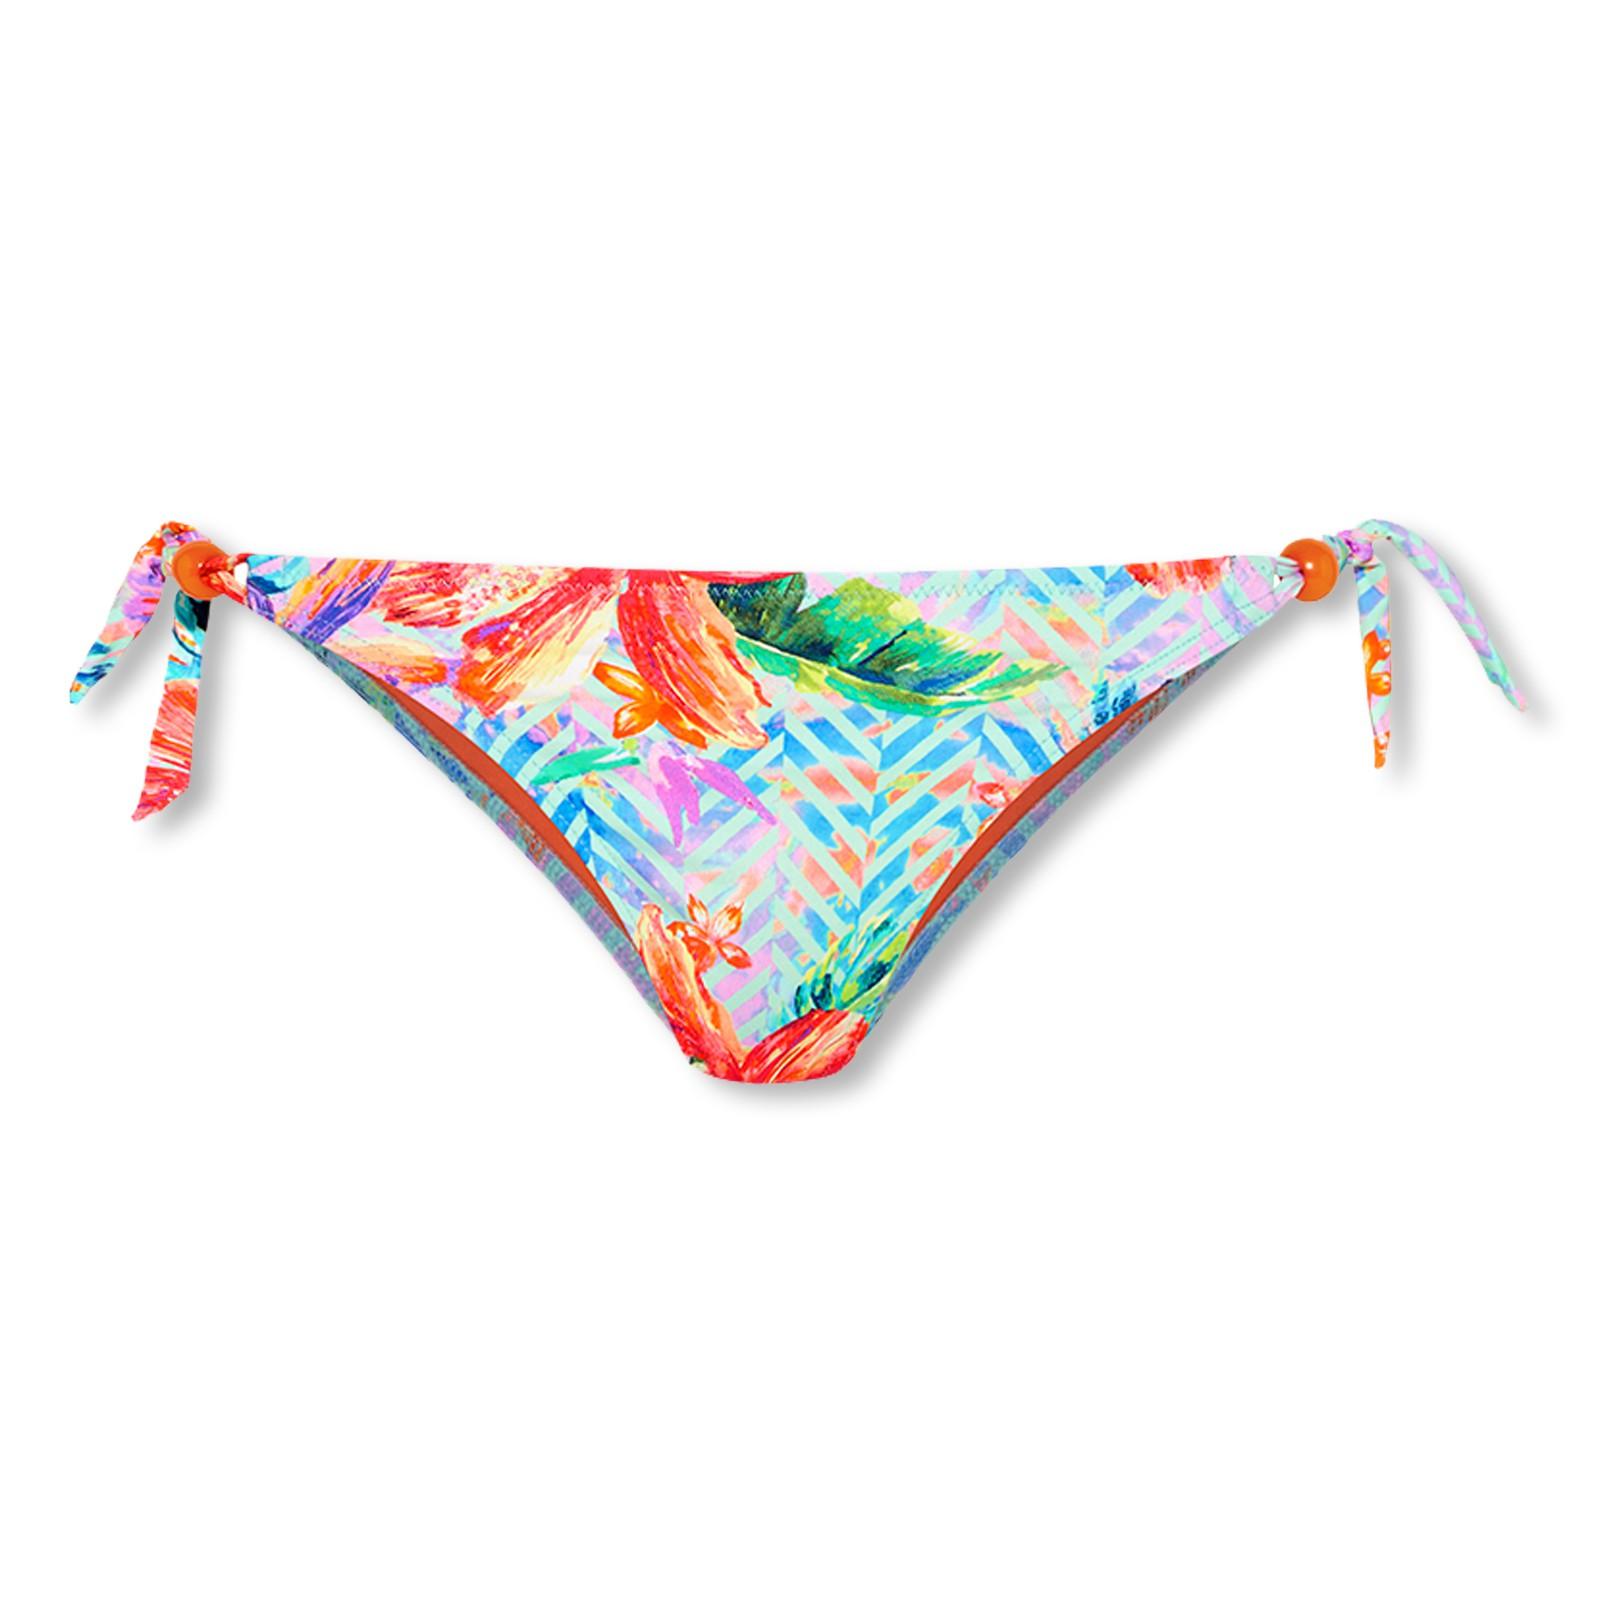 CYELL Bikini Slip Pant Low 36 38 40 42 710215 in Fiji Floral